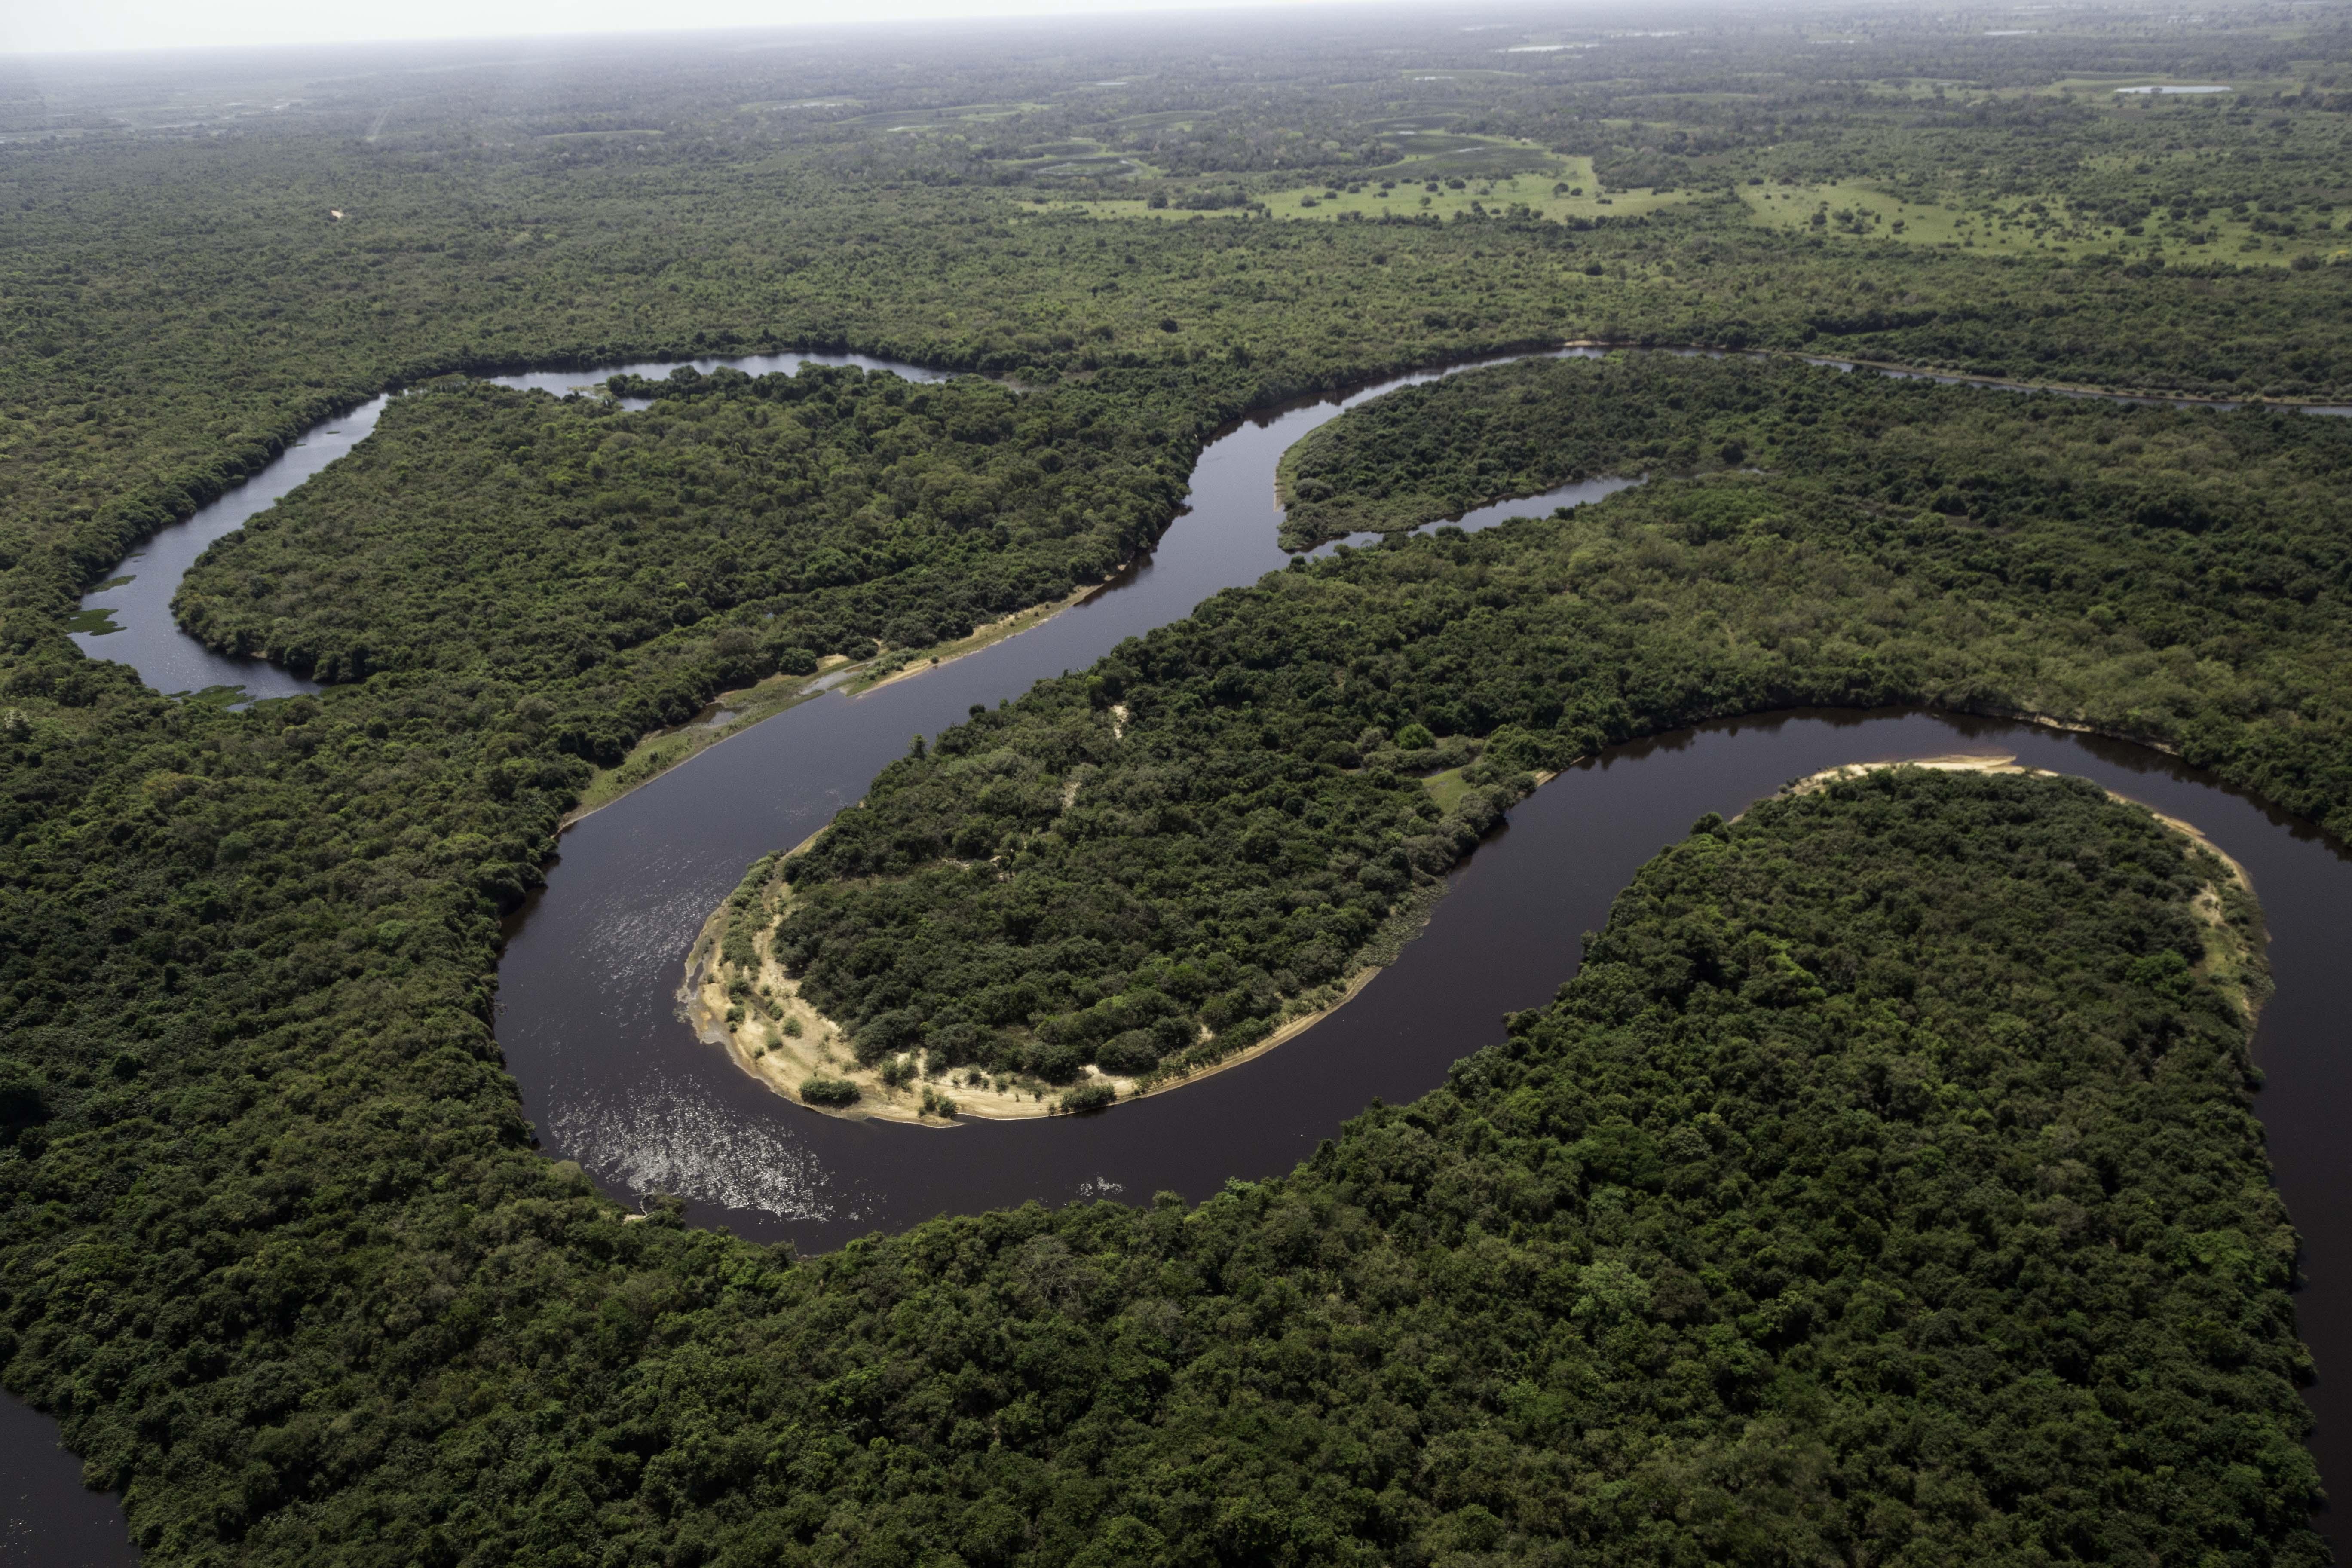 Rio Aquidauana